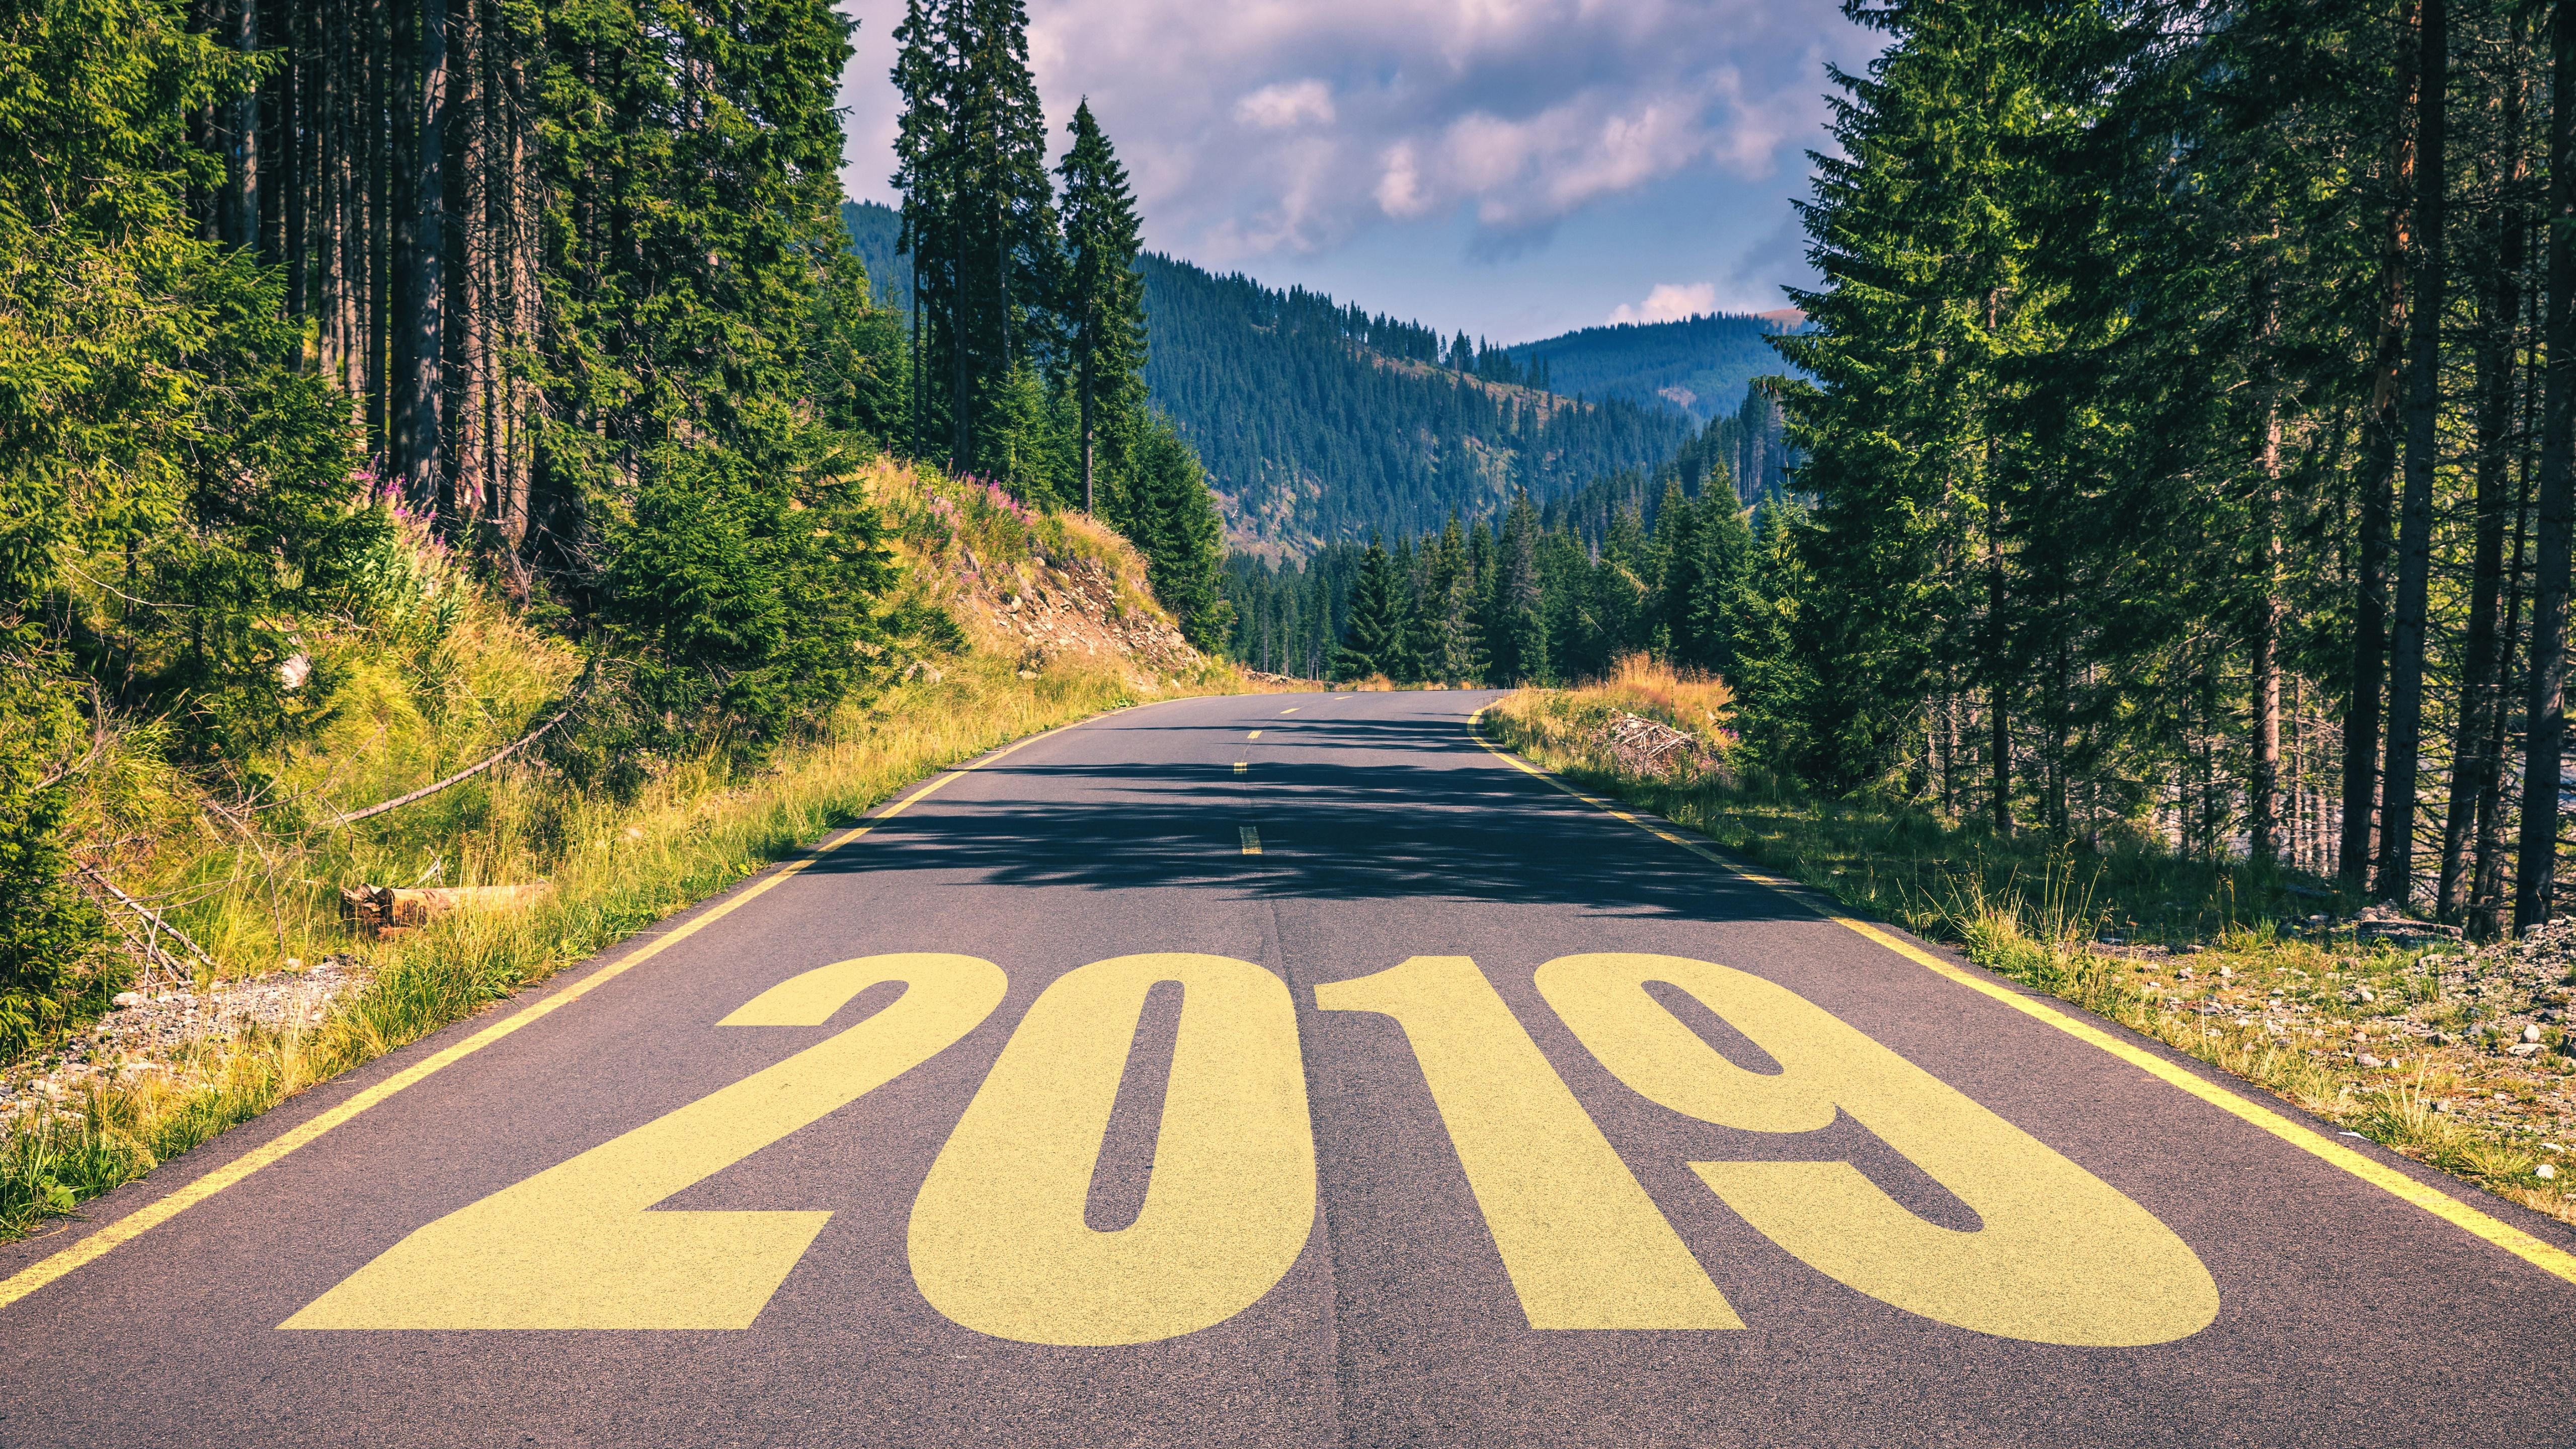 2019 Highway wallpaper